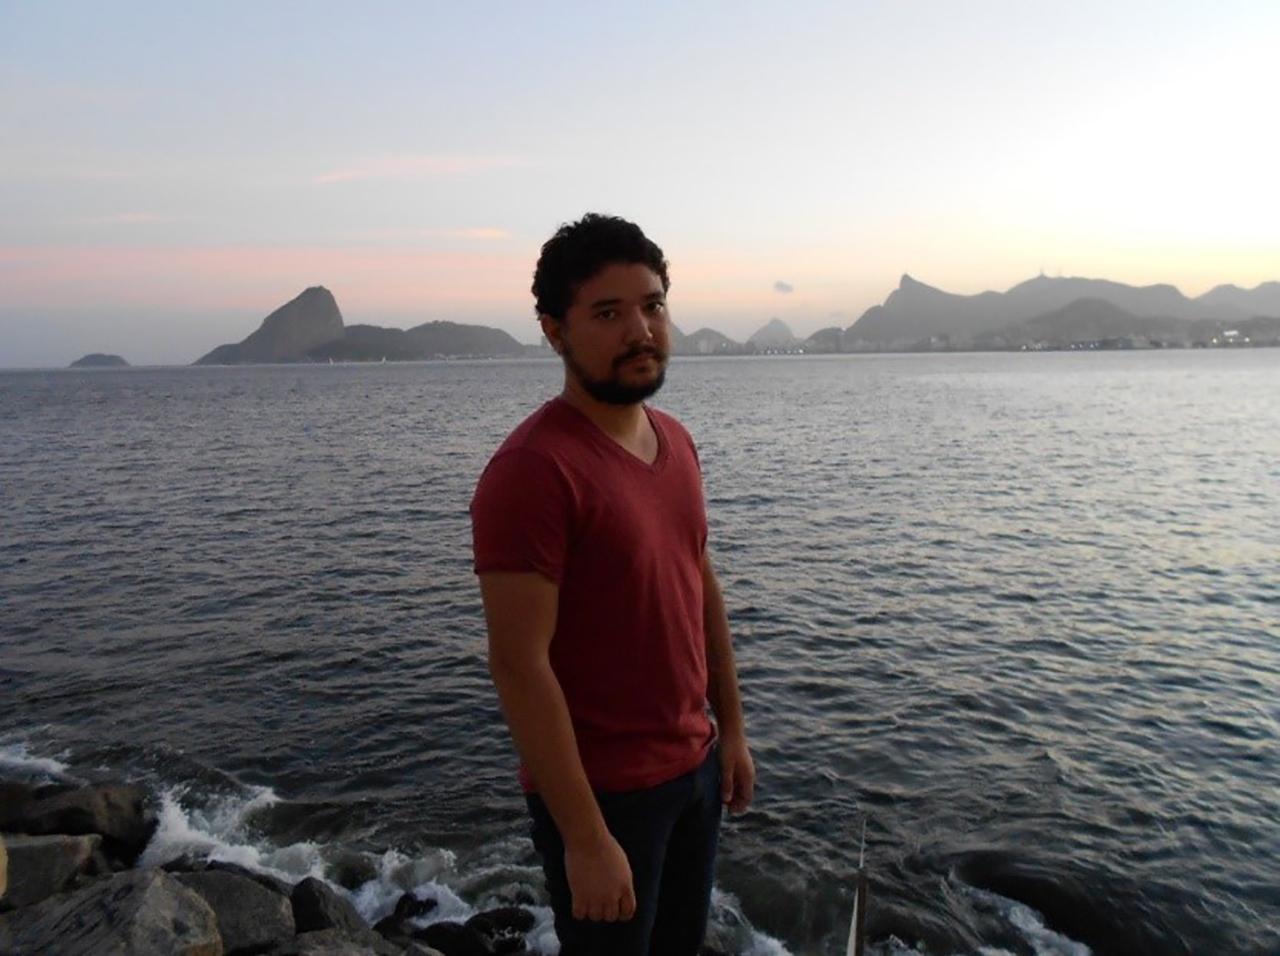 Scholarship recipient Cadu Verdan near his home in Rio de Janeiro, Brazil.